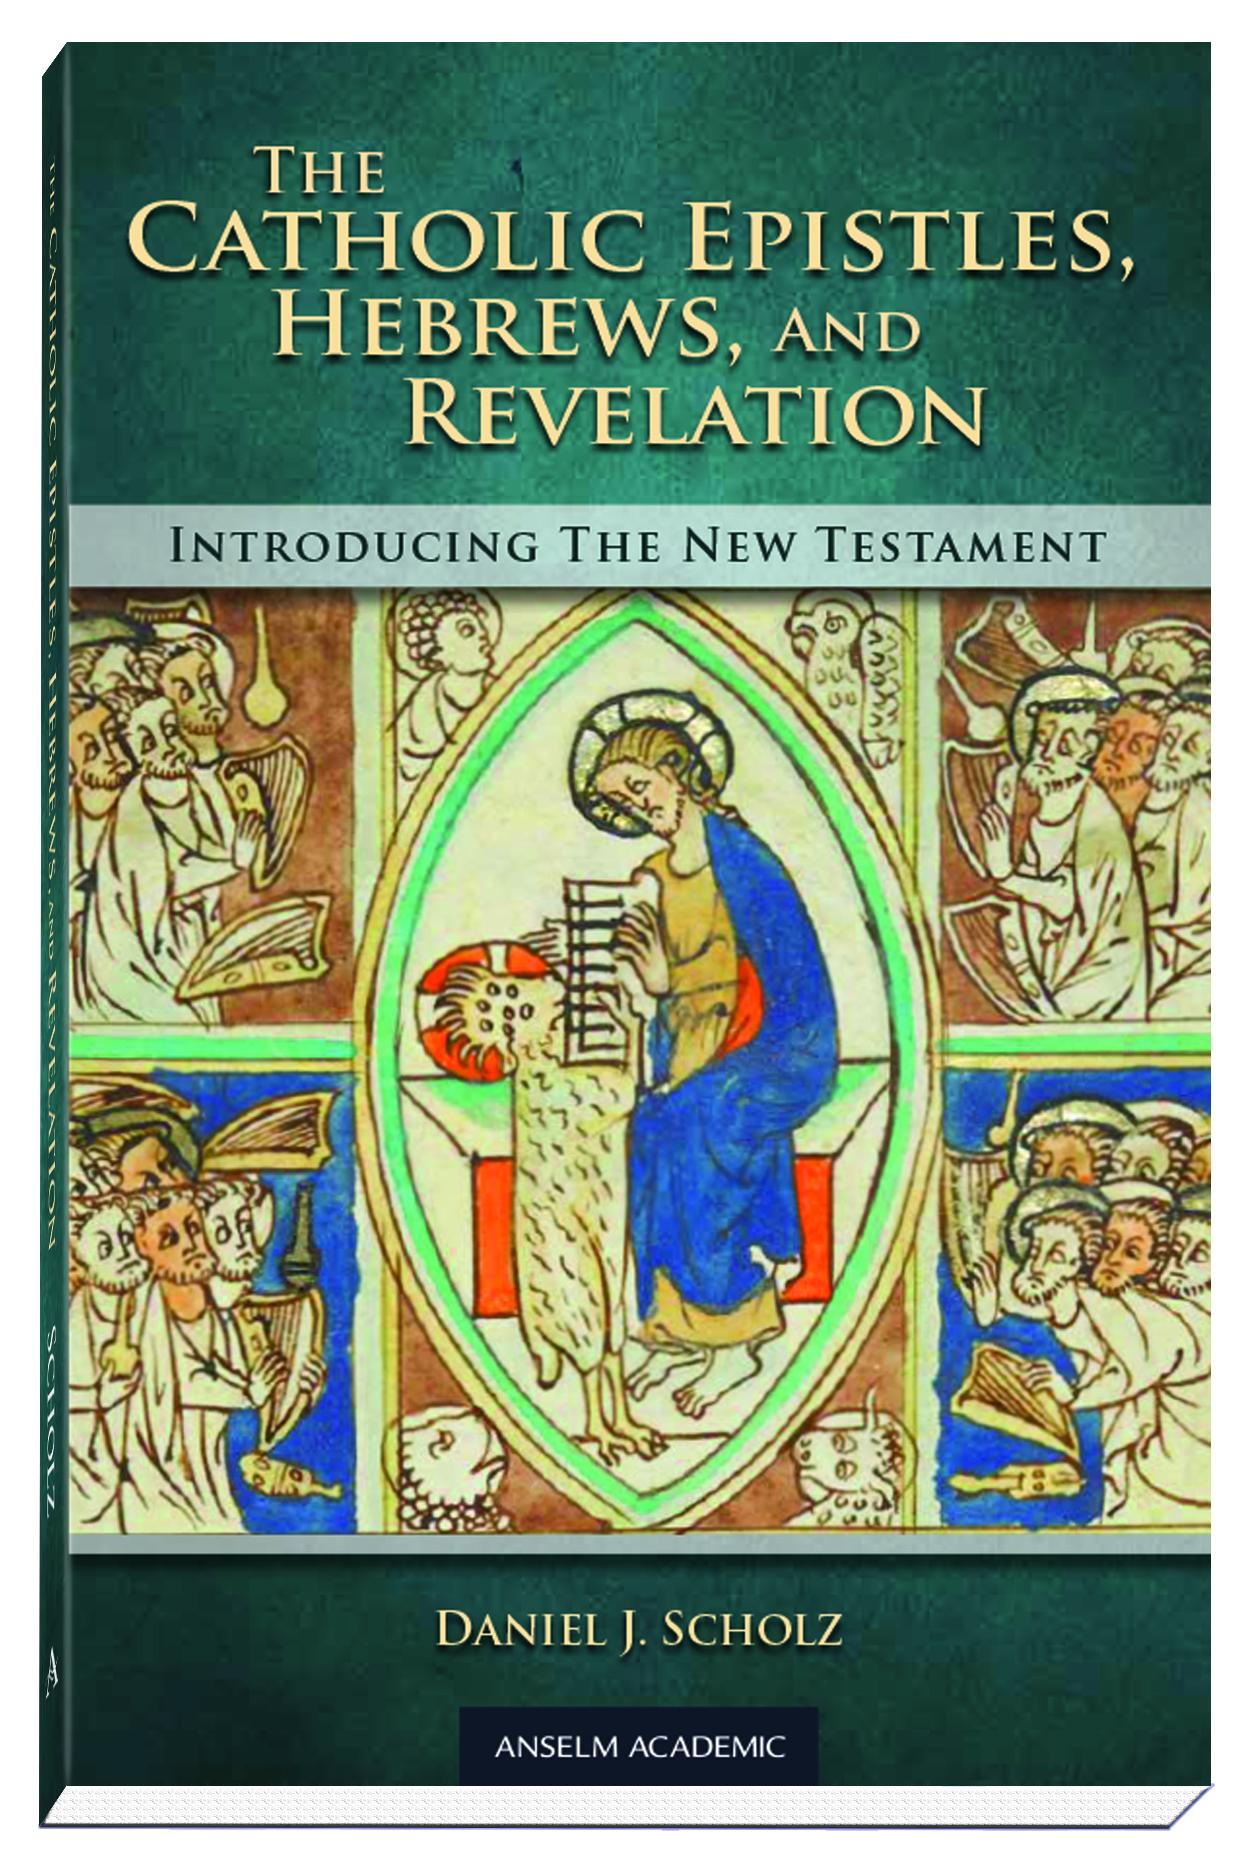 the catholic epistles  hebrews  and revelation